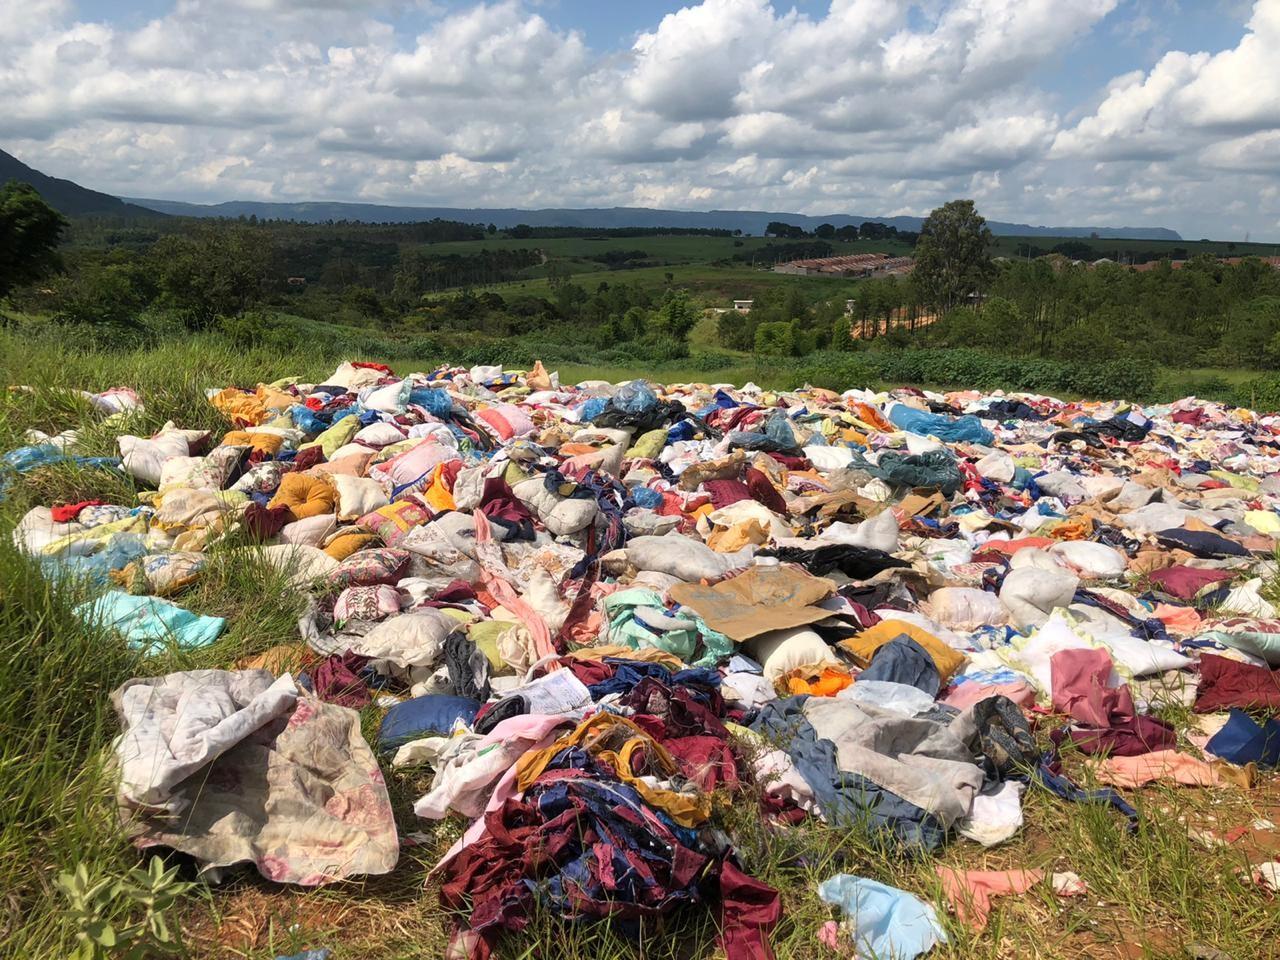 Com auxílio de câmera, Prefeitura de São Pedro multa suspeito de realizar descarte irregular de lixo